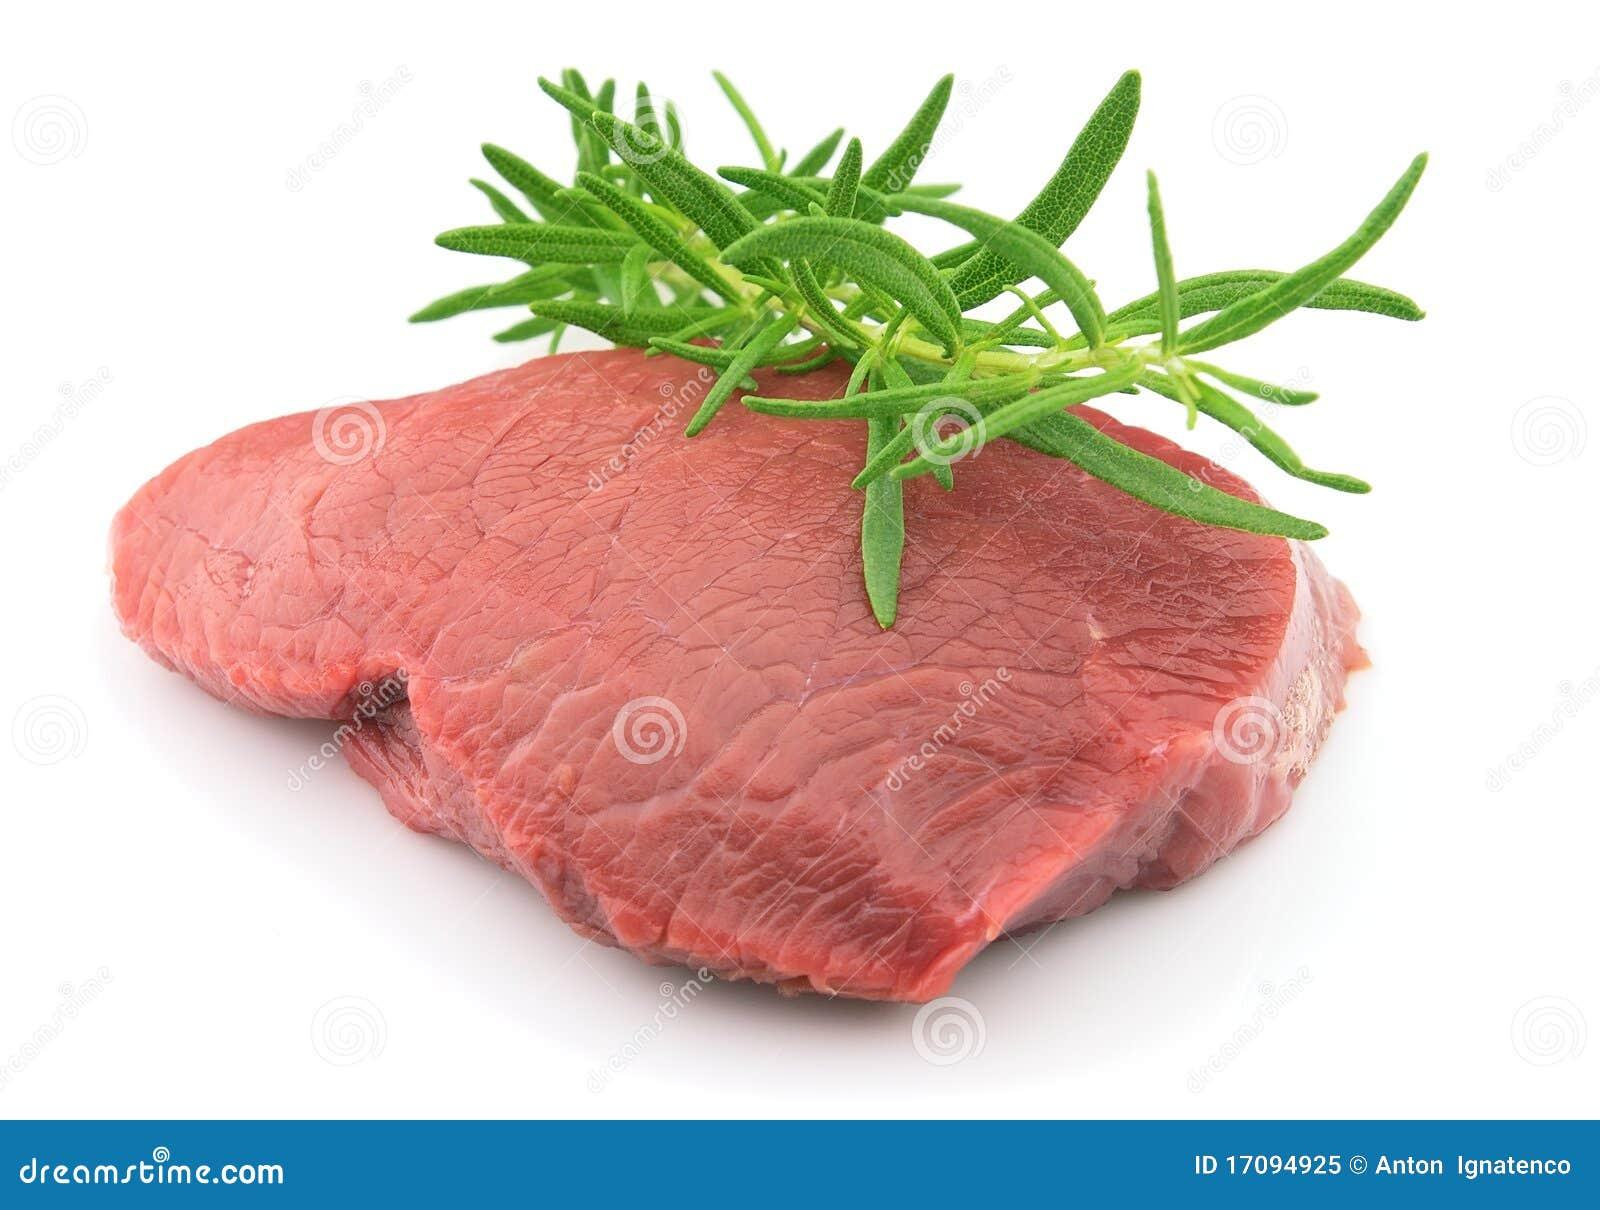 хворостина rosemary говядины